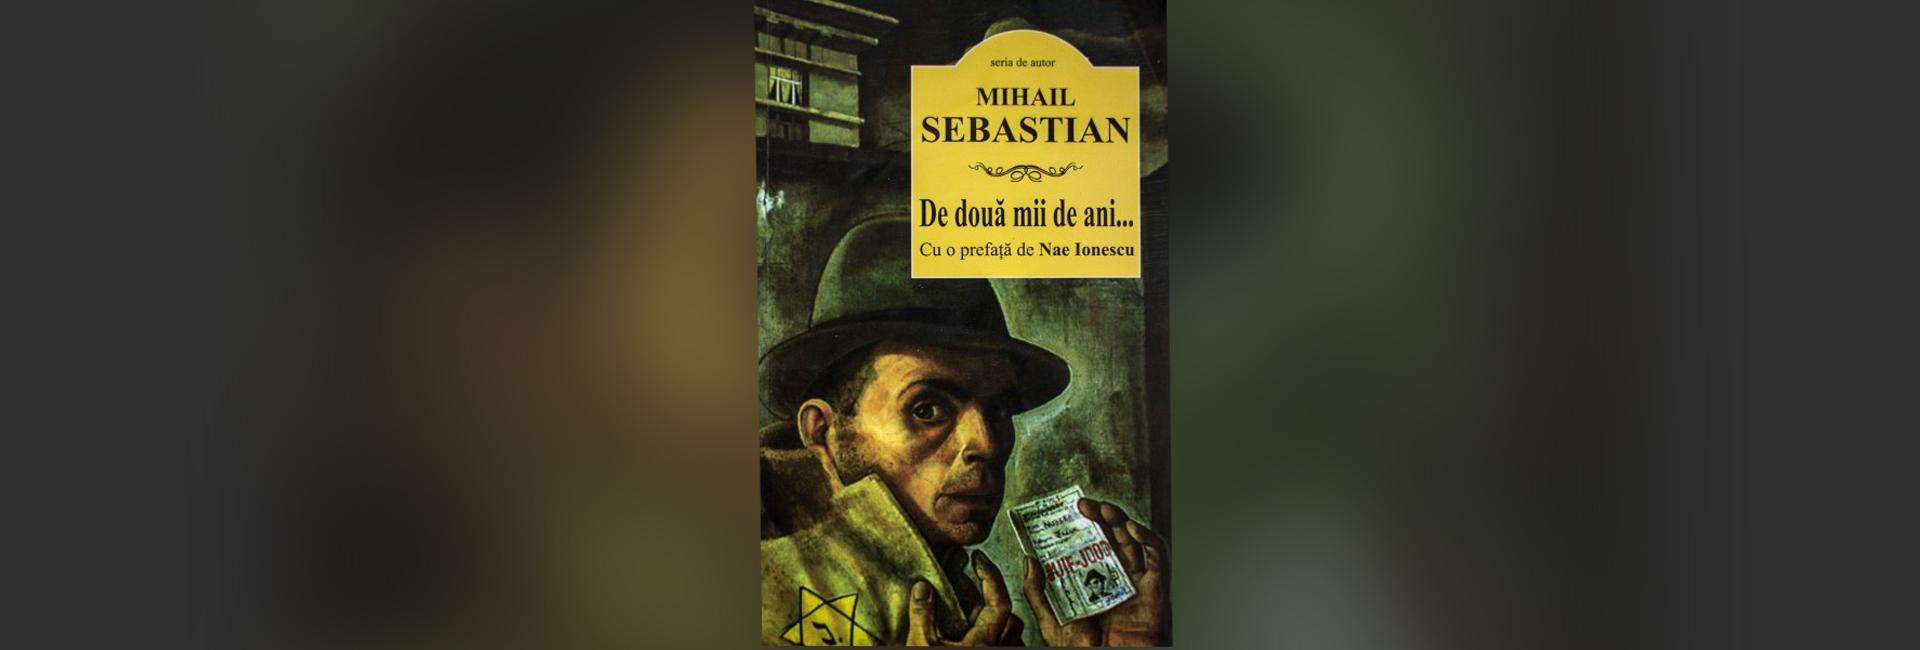 recenzie carte De două mii de ani Mihail Sebastian slider (2)